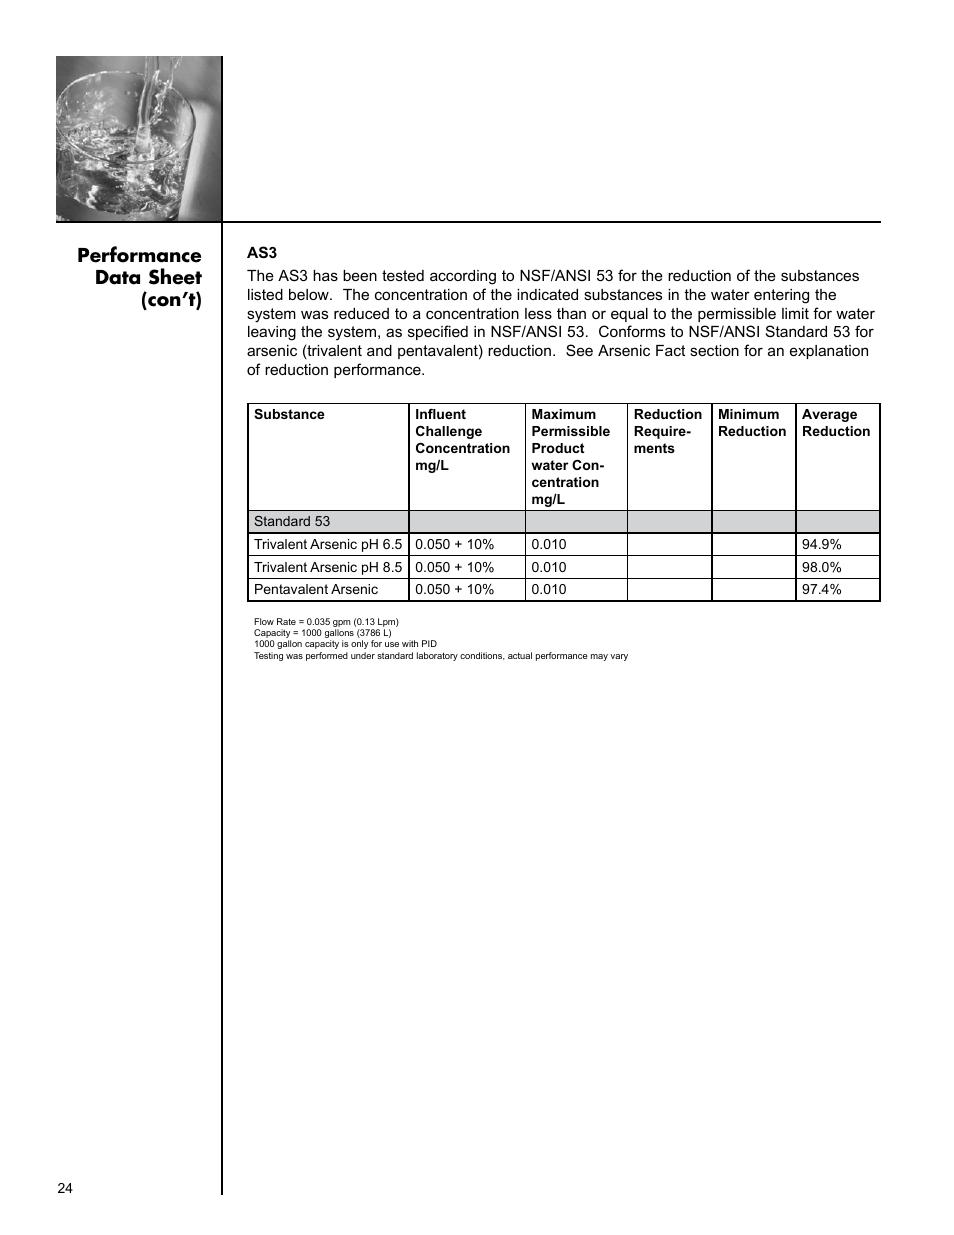 performance data sheet con t culligan aqua cleer advanced rh manualsdir com culligan aqua cleer ac30 manual culligan aqua cleer reverse osmosis manual